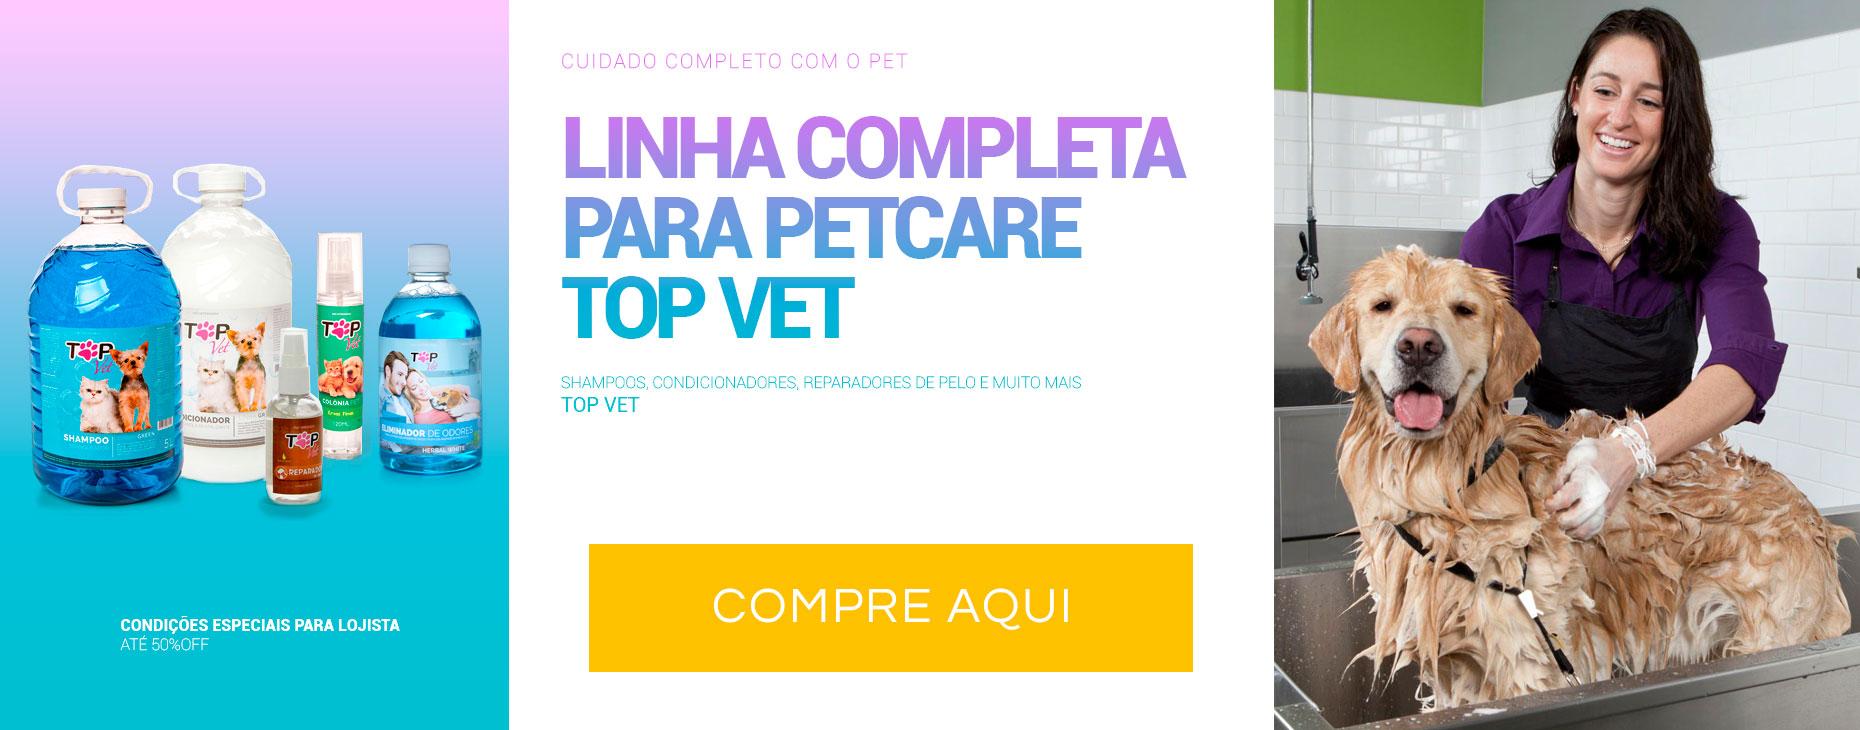 Linha PetCare Top Vet: Shampoos, Condicionadores, Perfumes e muito mais para seu pet!